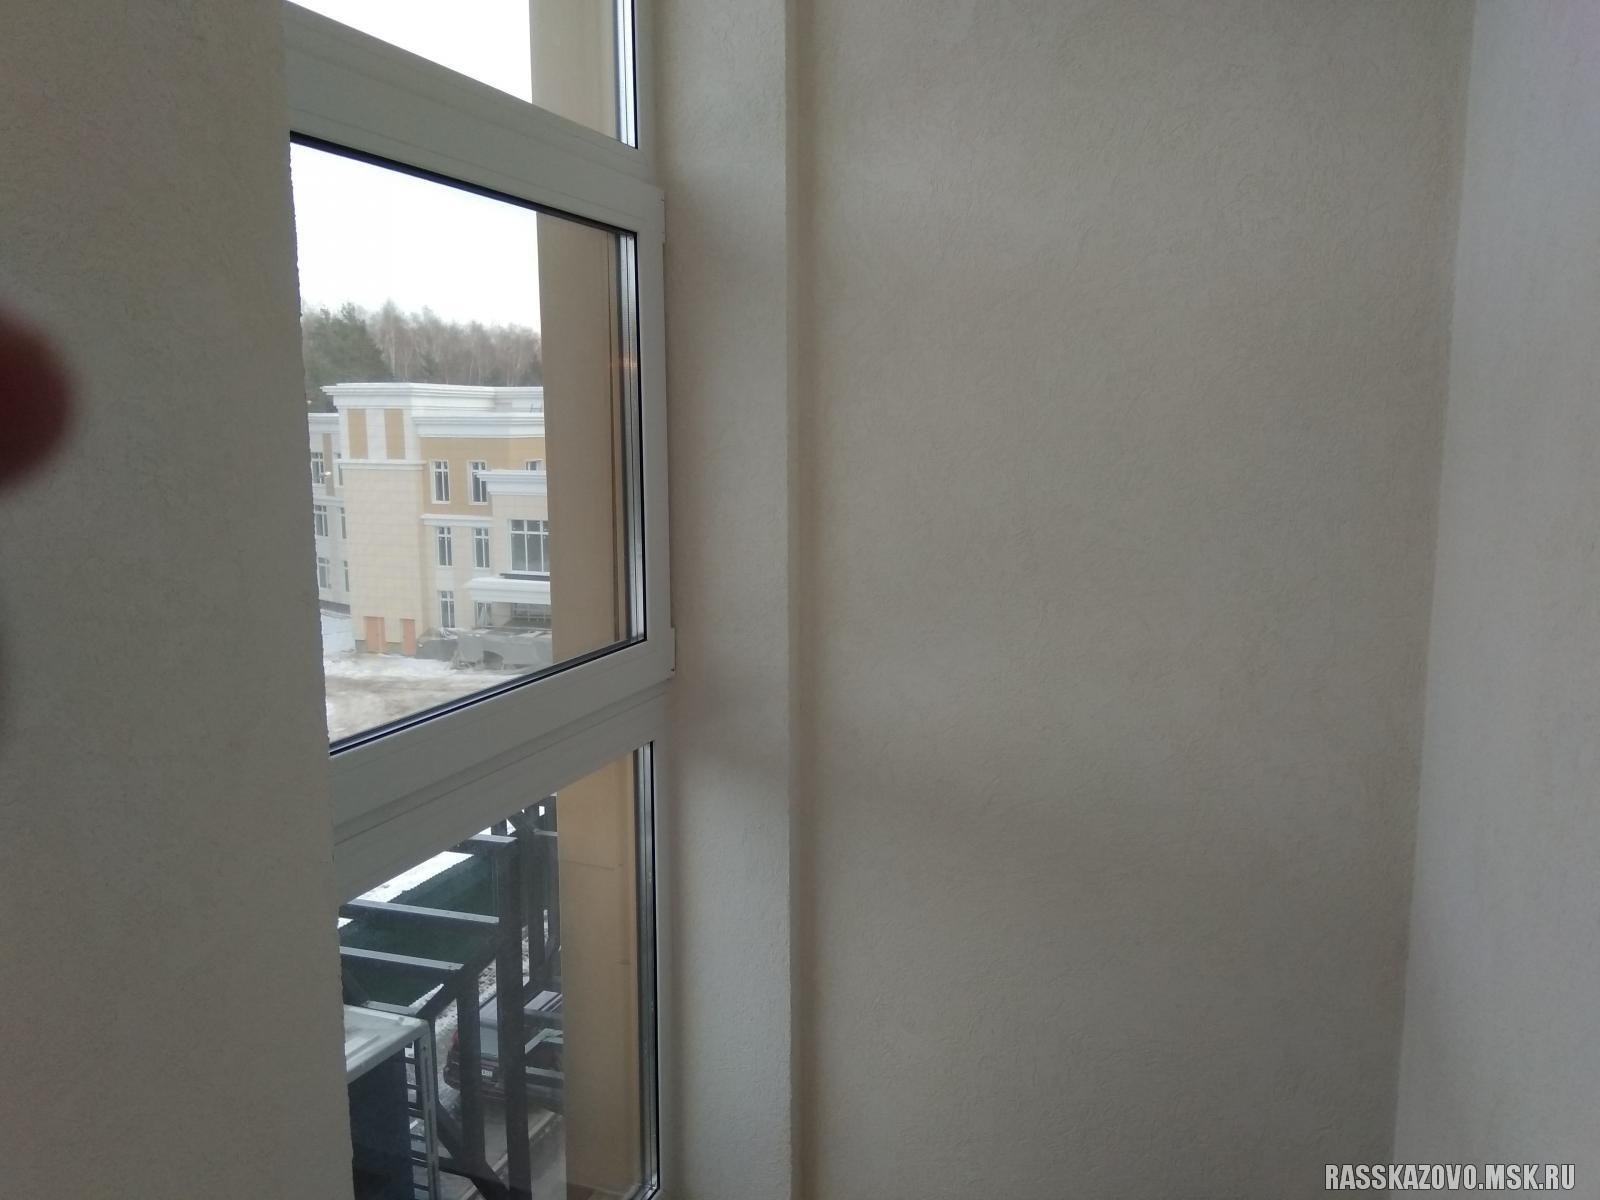 Профессиональный качественный ремонт квартир в Москве